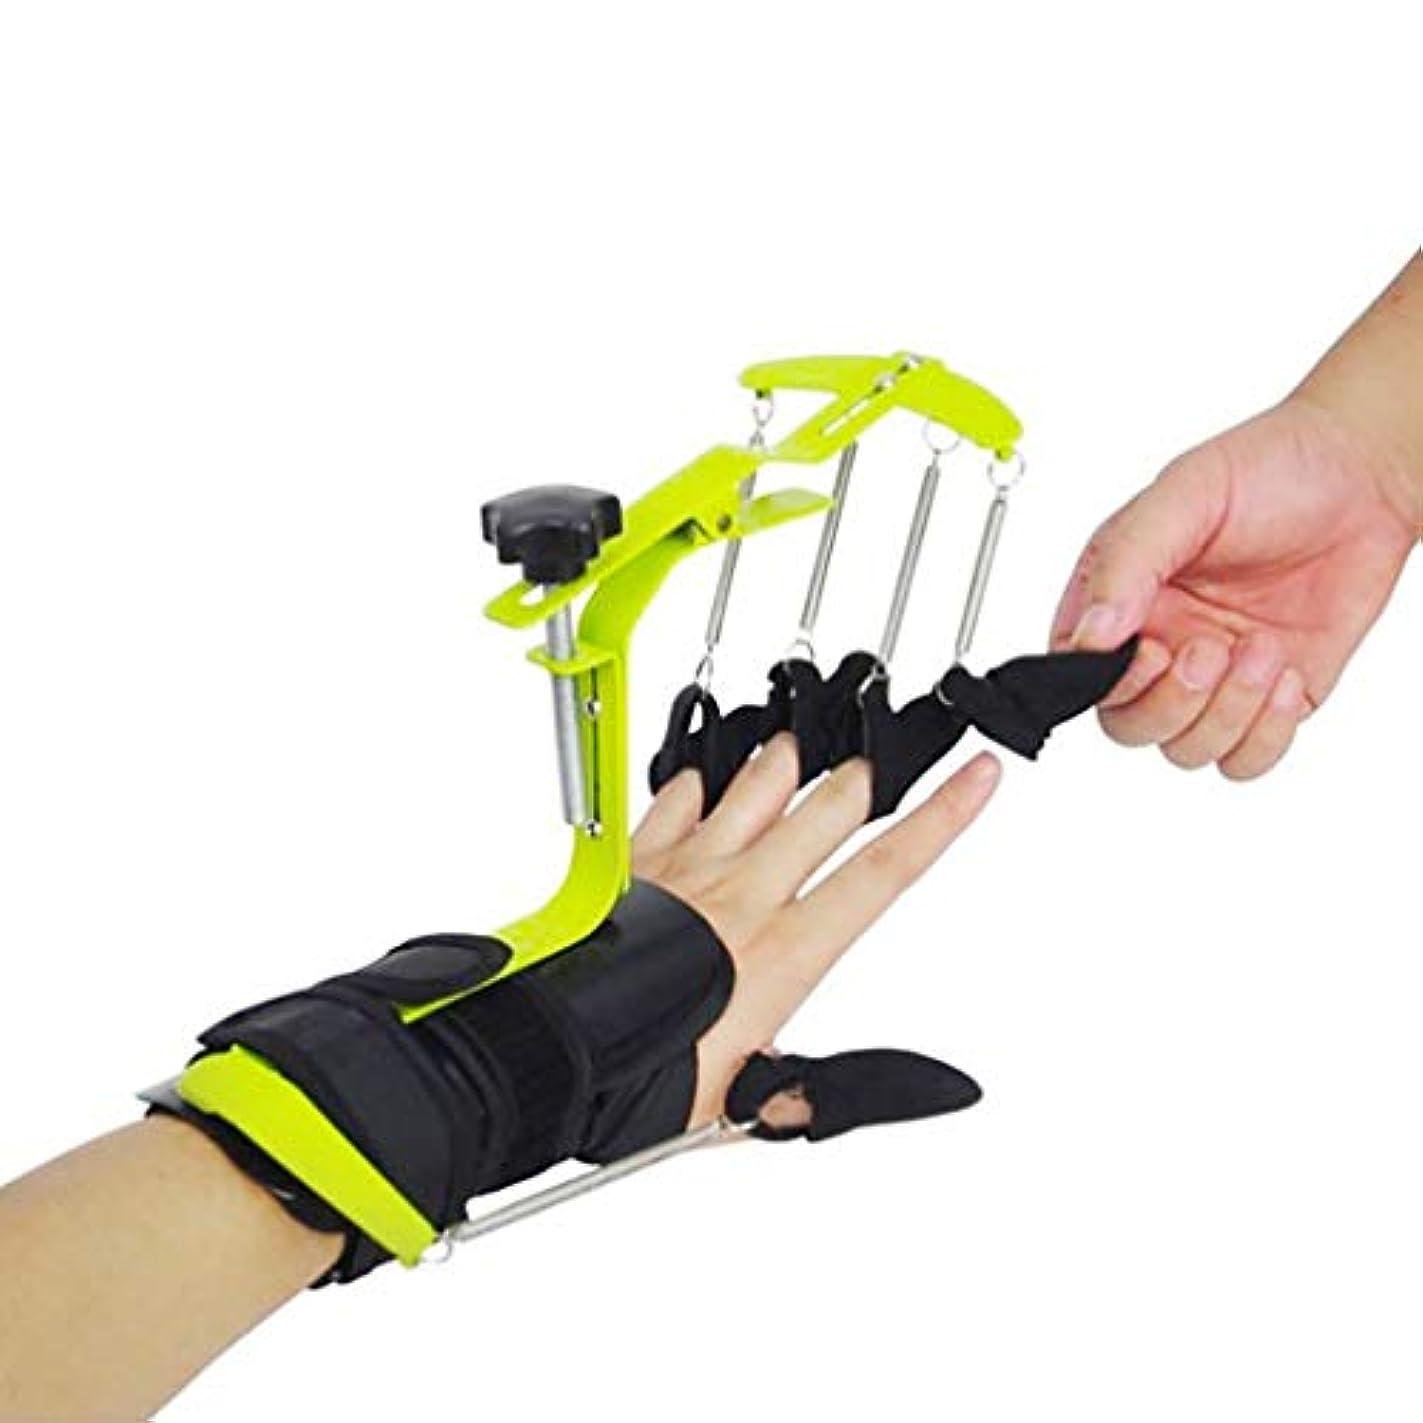 ステレオフローティングコンベンション動的装具多機能アジャスタブルアルミサポートエクステンション矯正関節炎マレットフィンガーナックルブレース捻挫フィンガートレーナー大人用